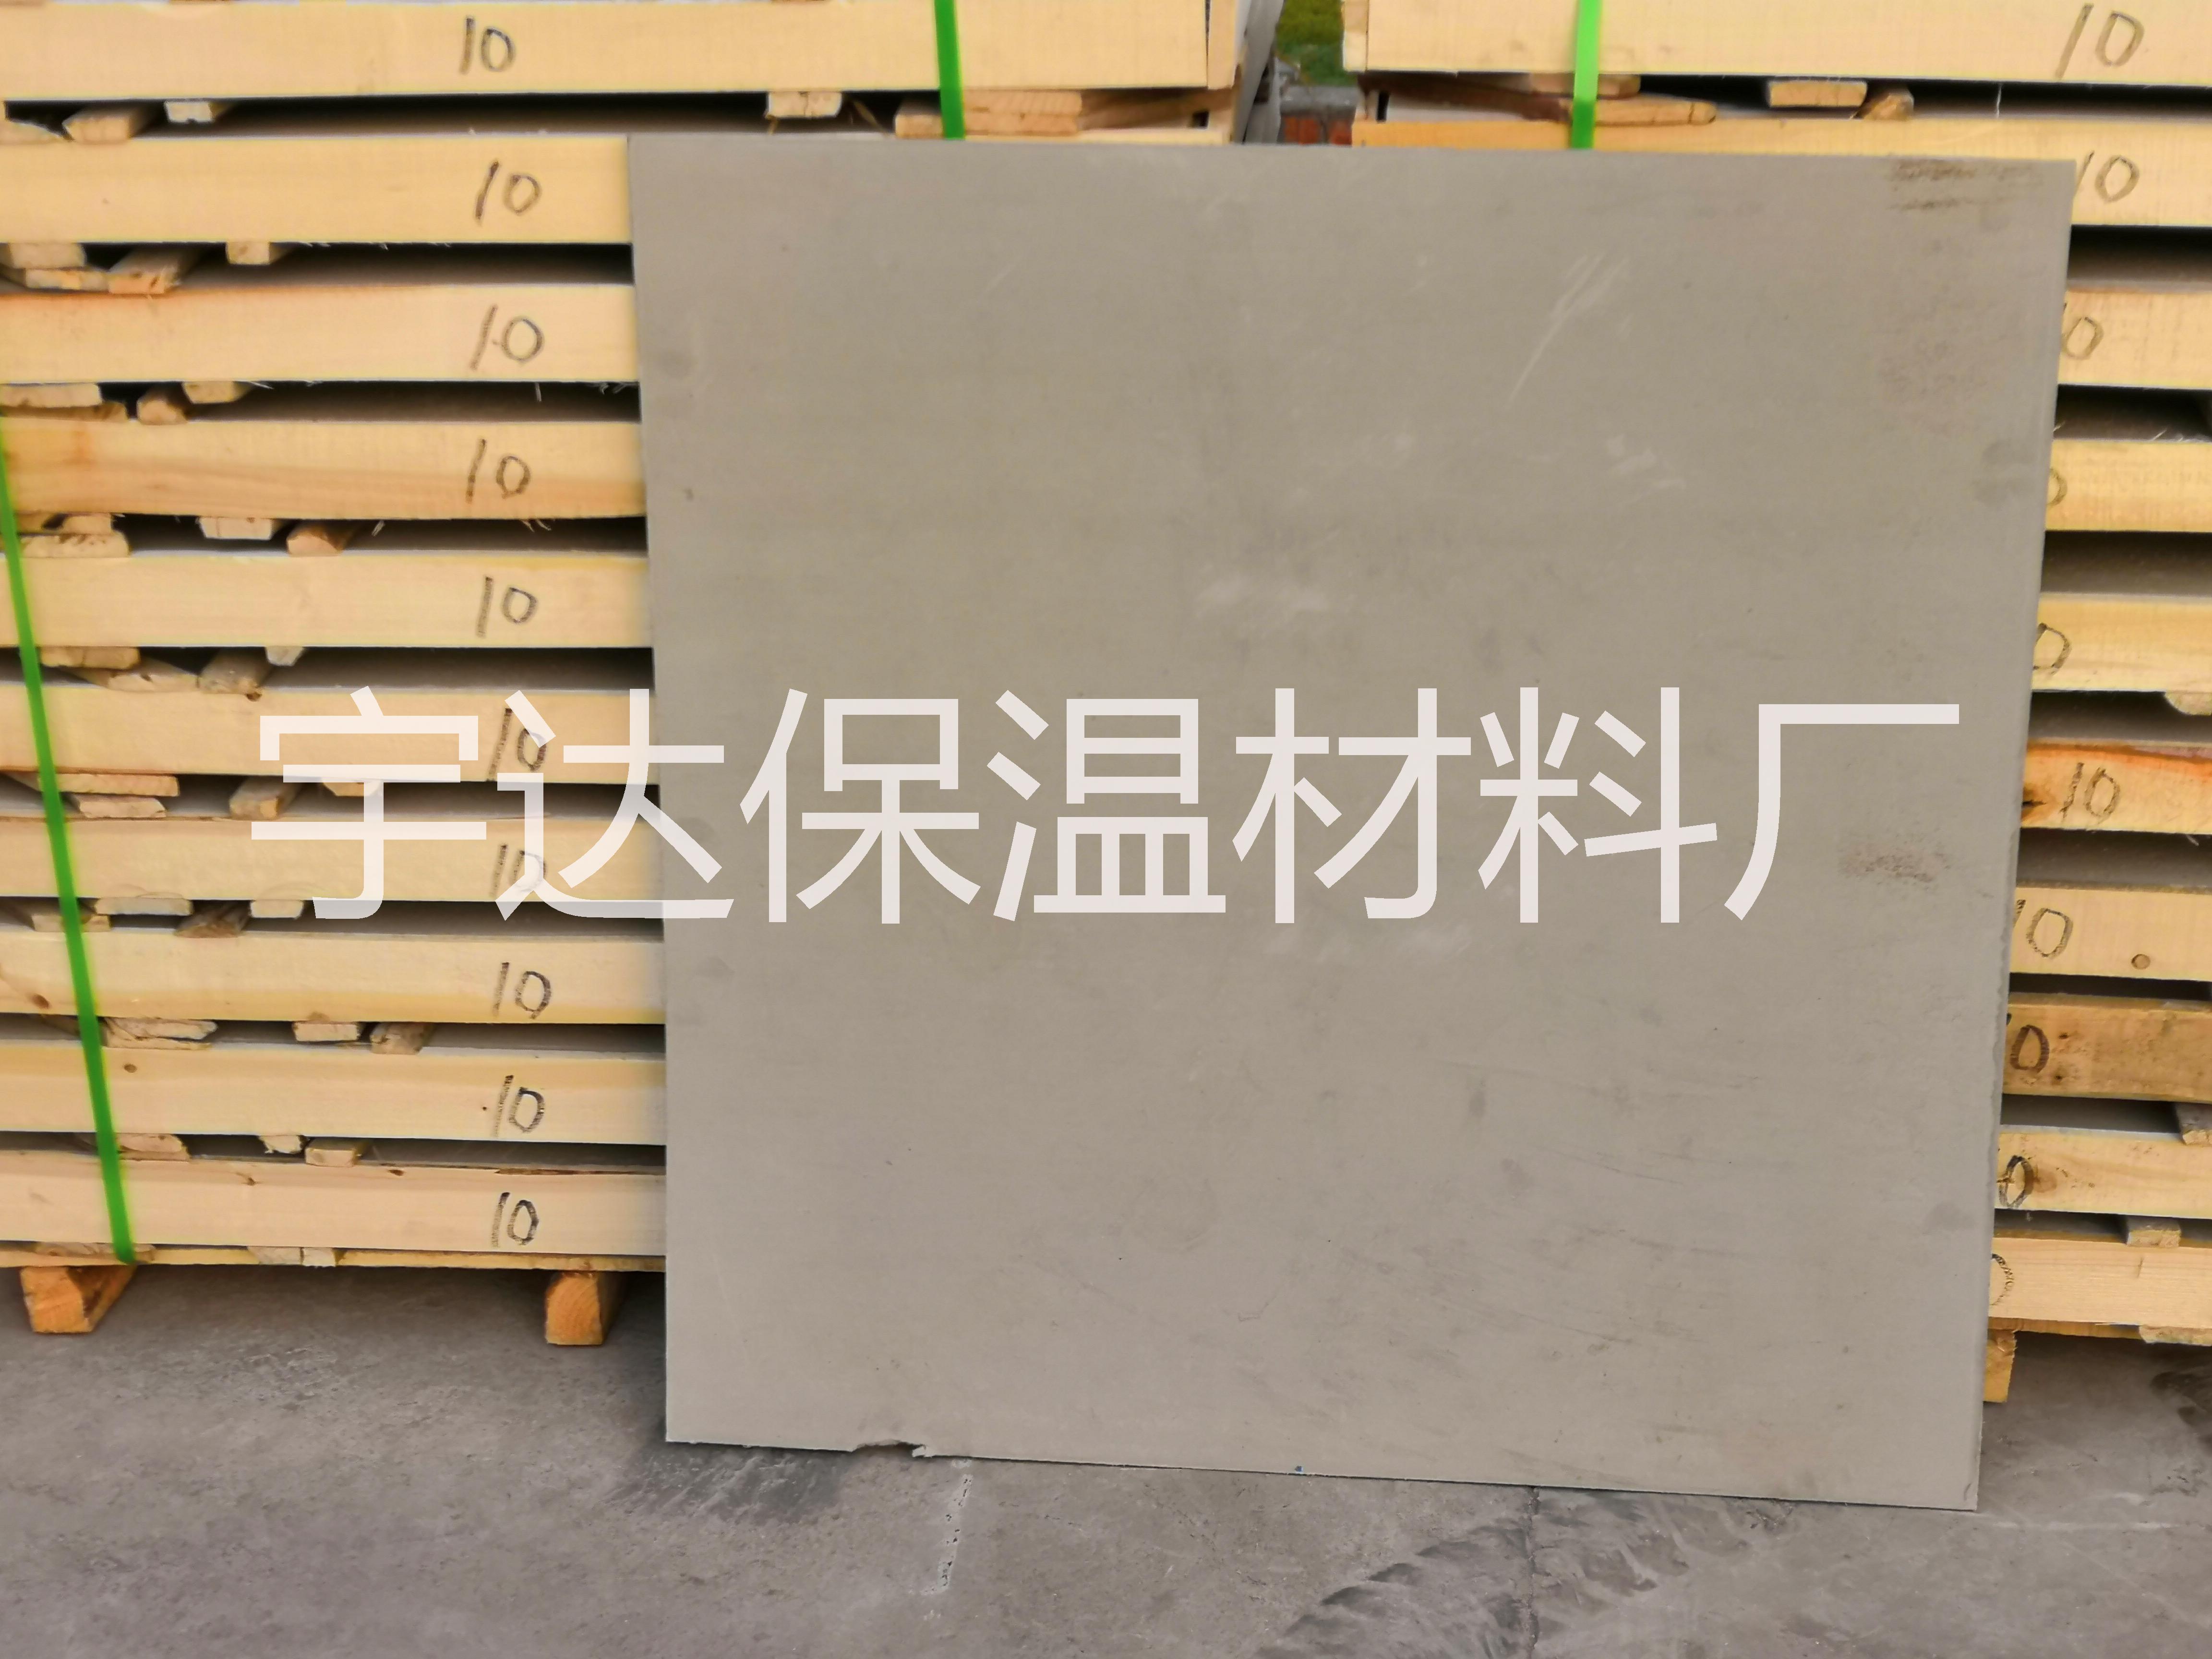 河南最大的石棉板生产商     石棉板    纯石棉板,  机制石棉板    石棉白板厂家